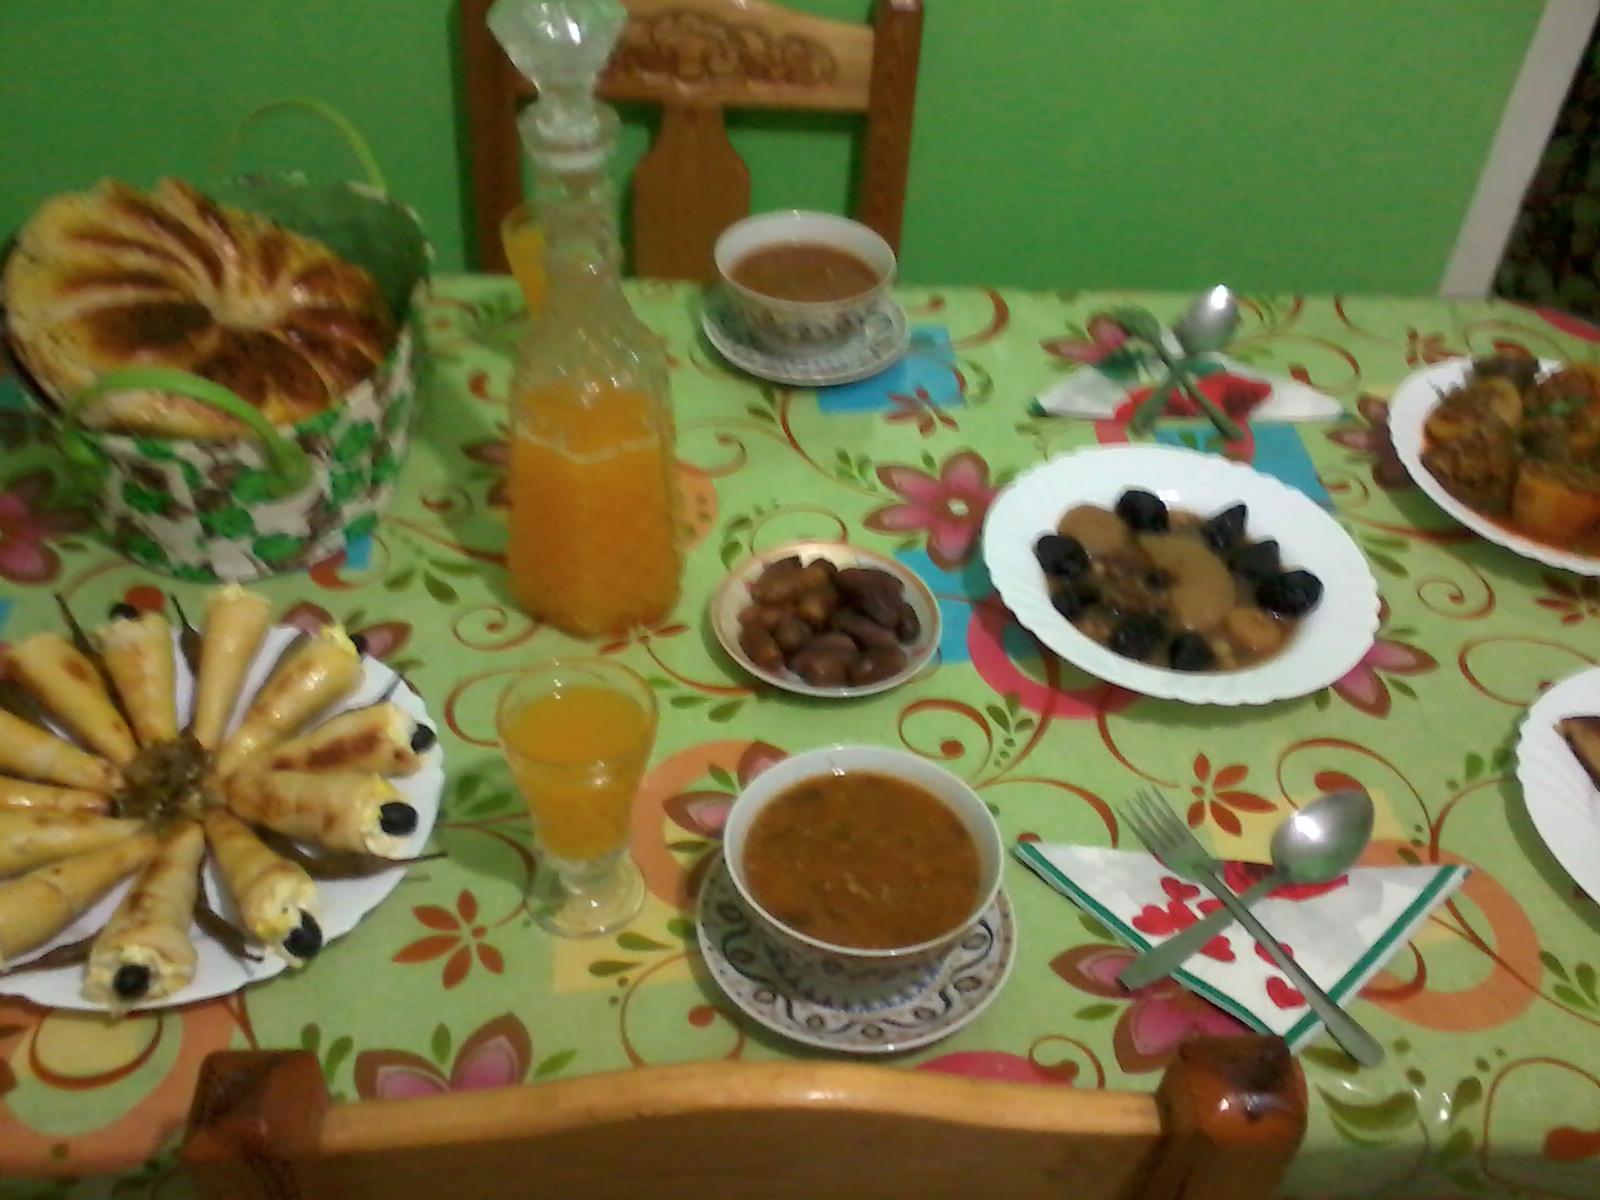 بالصور فطار رمضان اجمل فطور رمضاني , احلى اكلات الافطار 12304 2